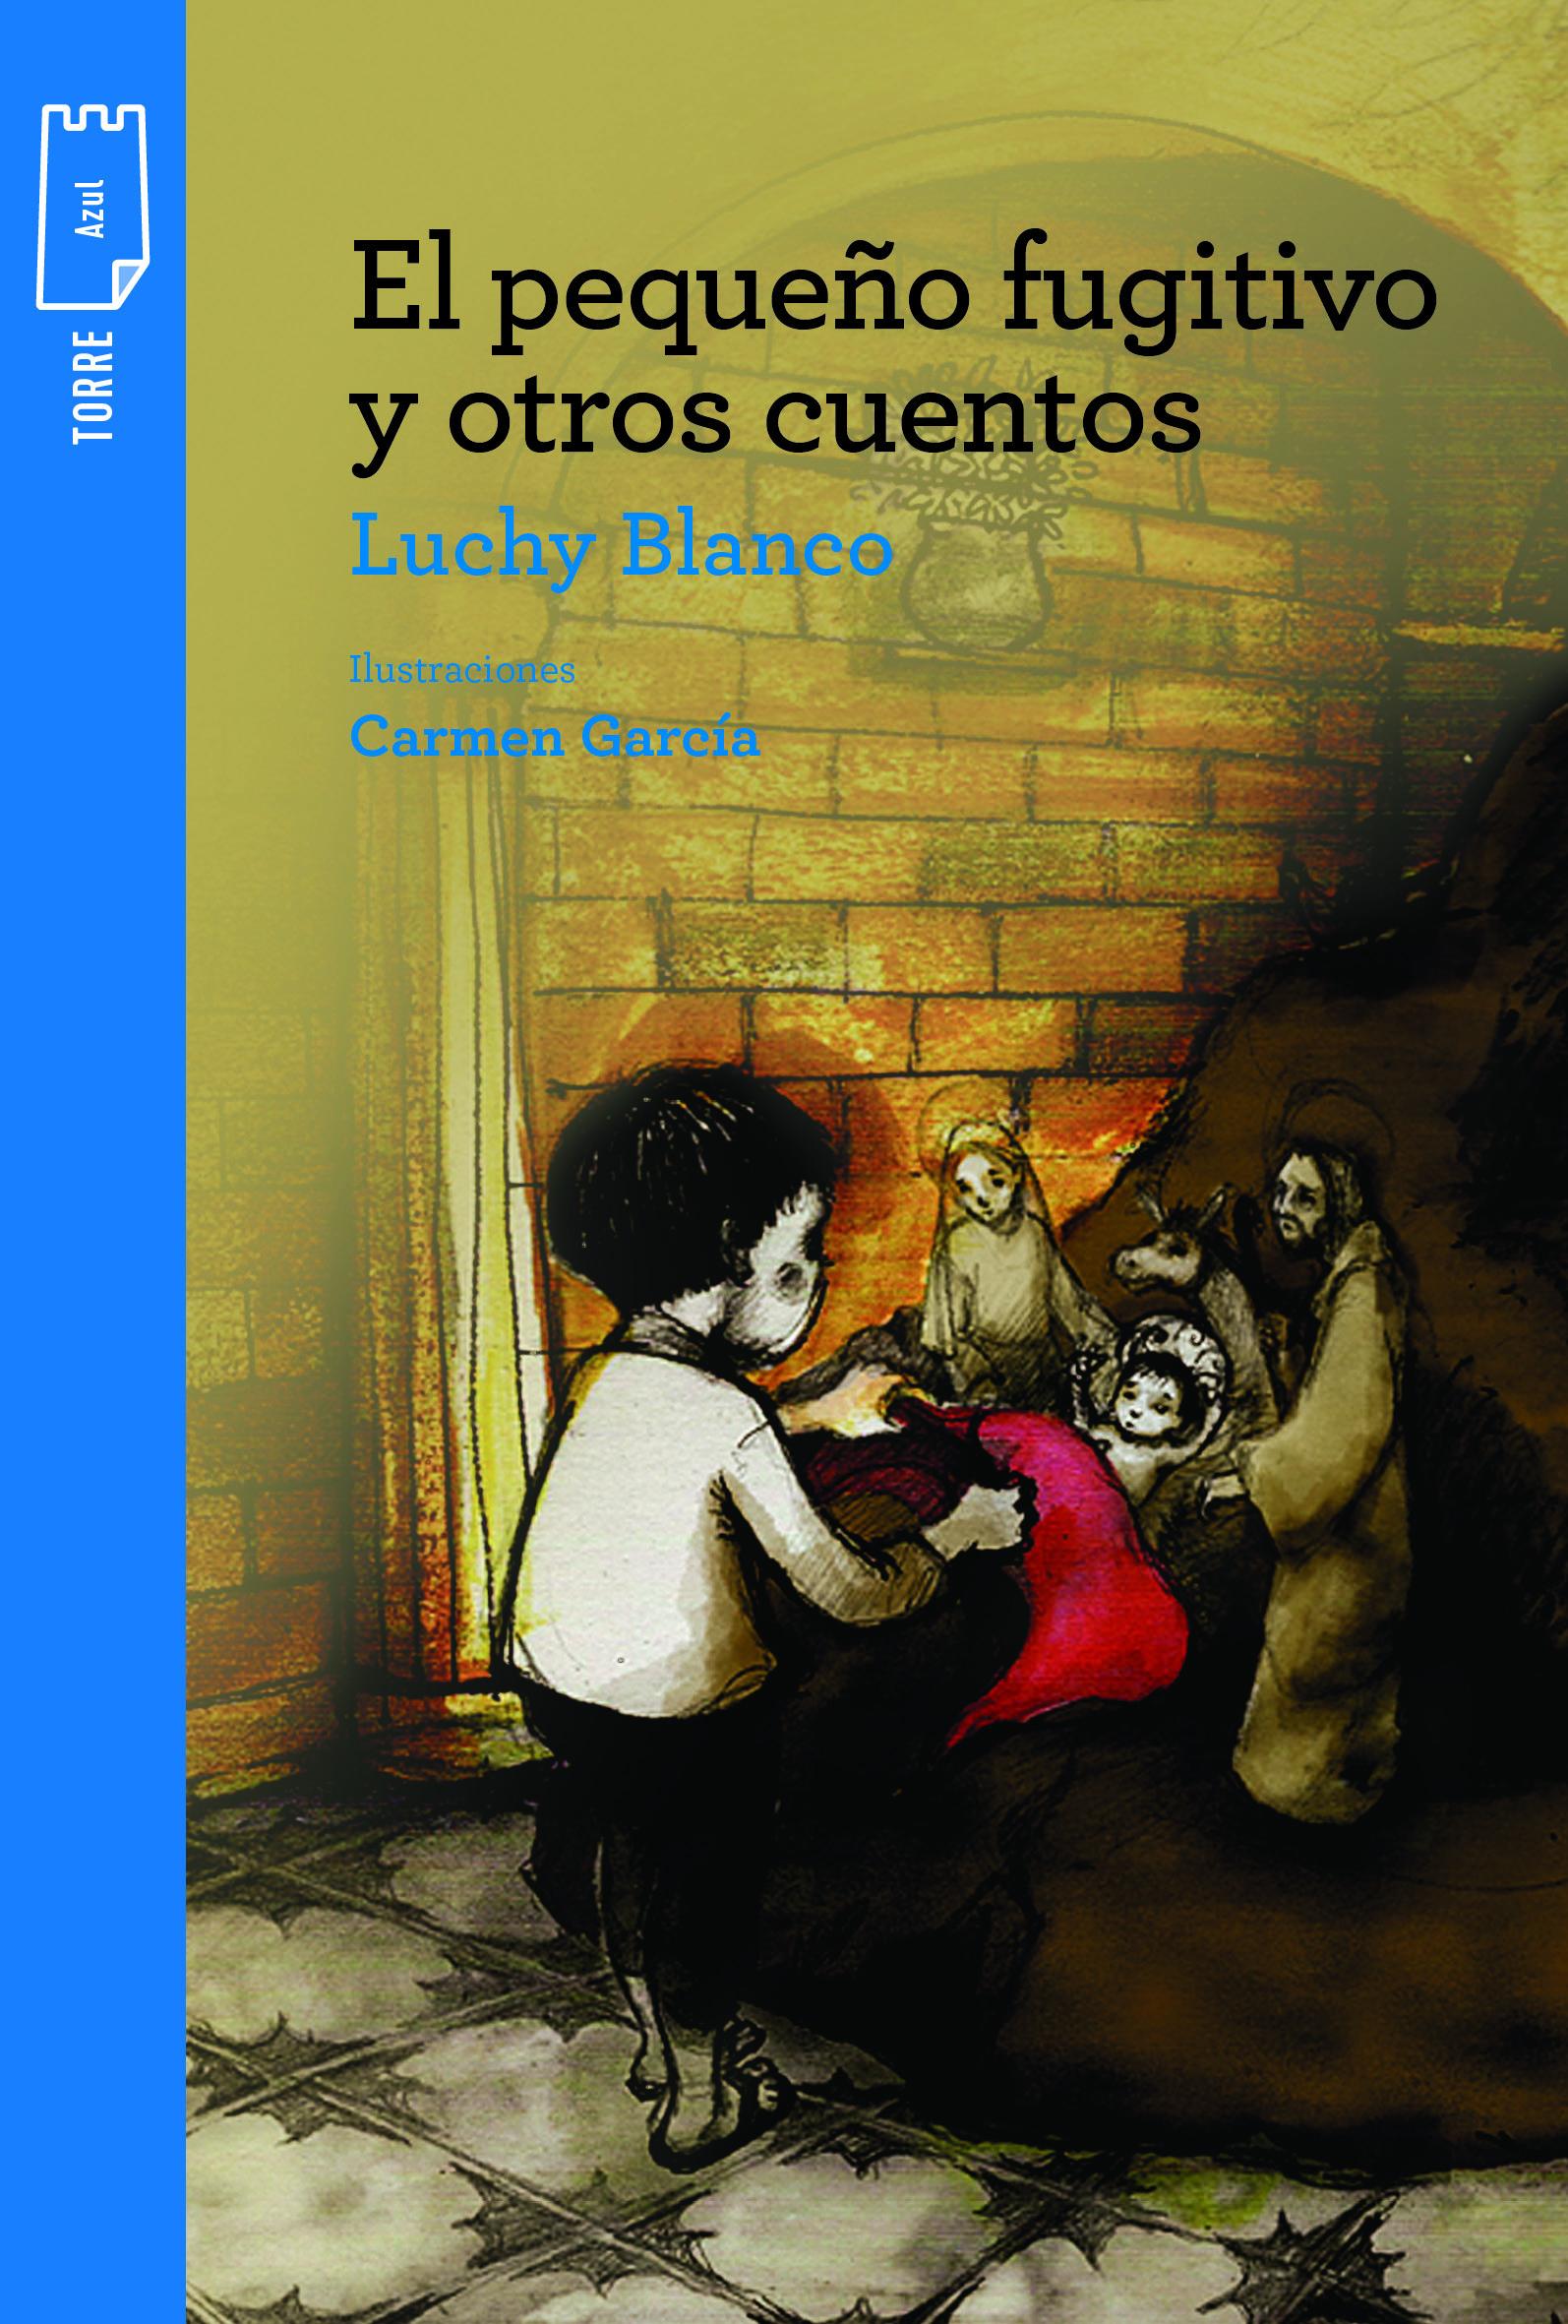 El pequeño fugitivo y otros cuentos